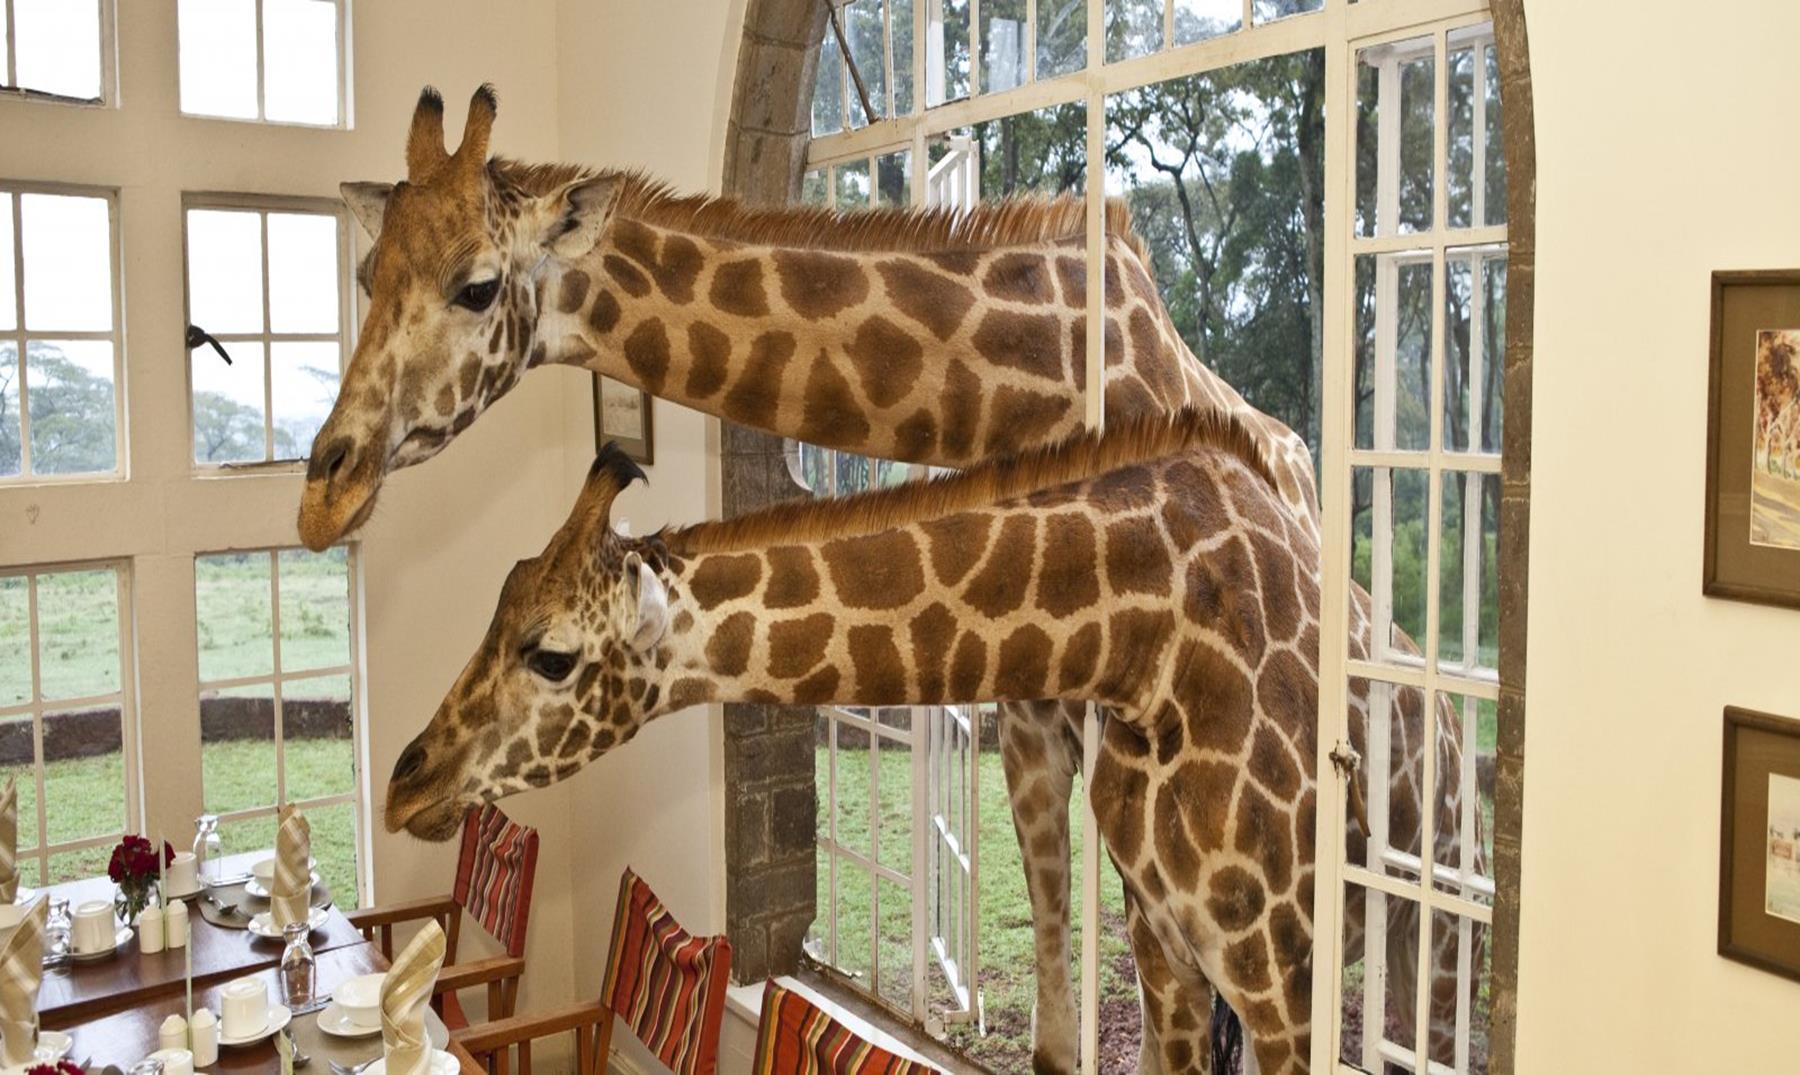 El hotel donde puedes desayunar con jirafas: ¡Precioso!